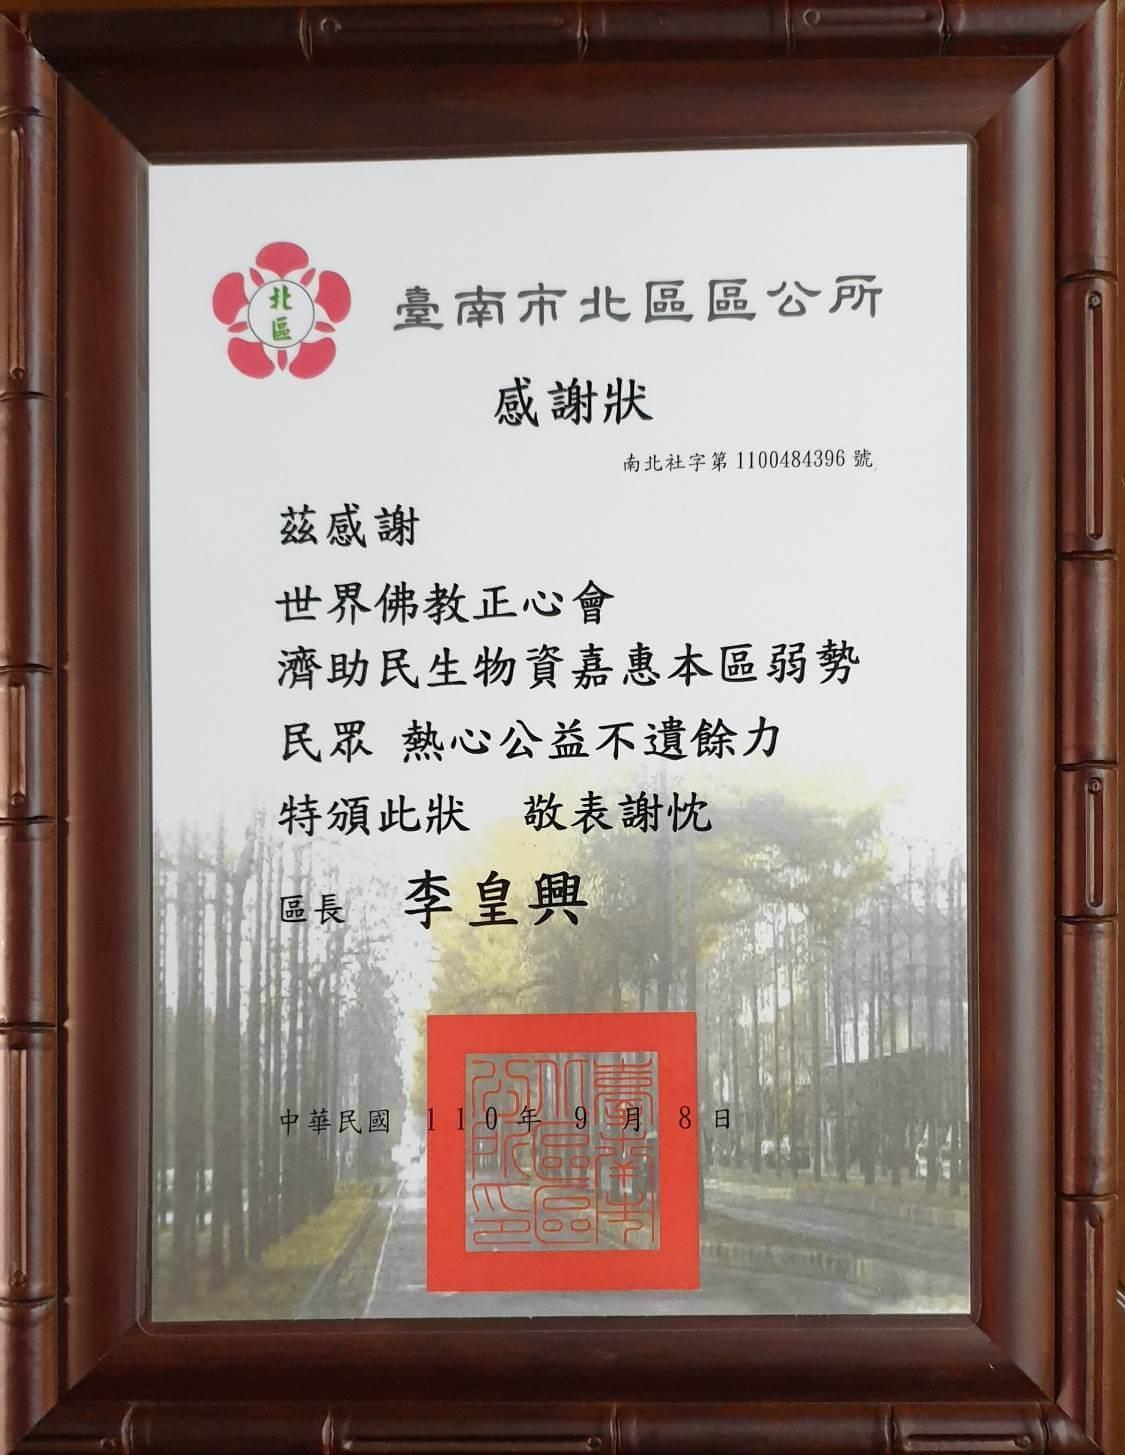 2021-0908台南北區區公所感謝狀